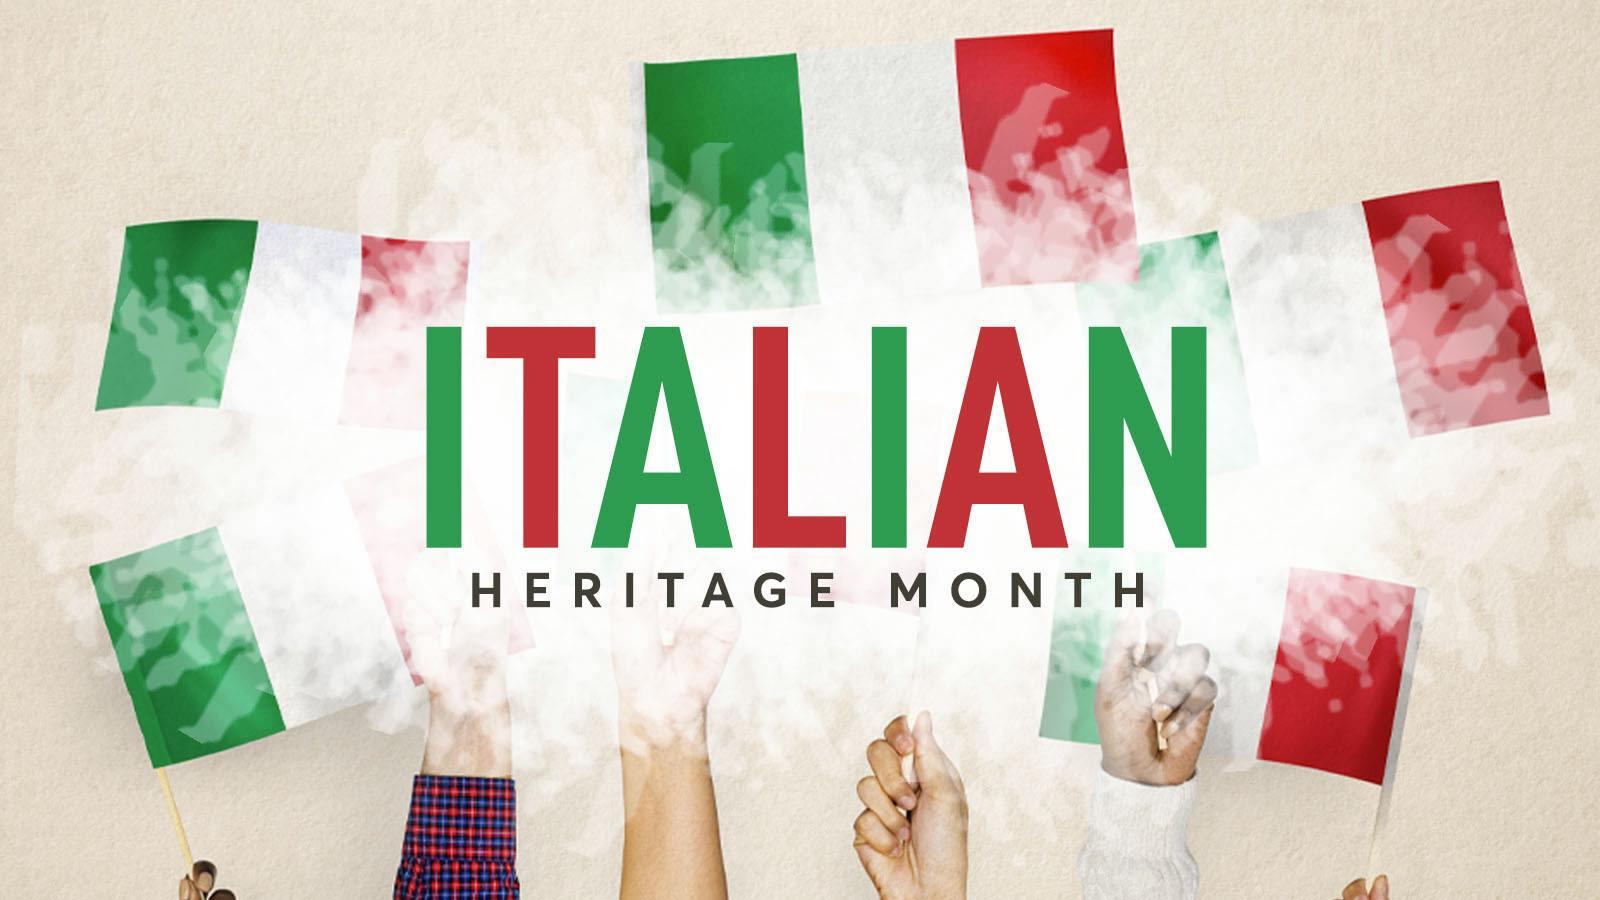 Happy Italian Heritage Month